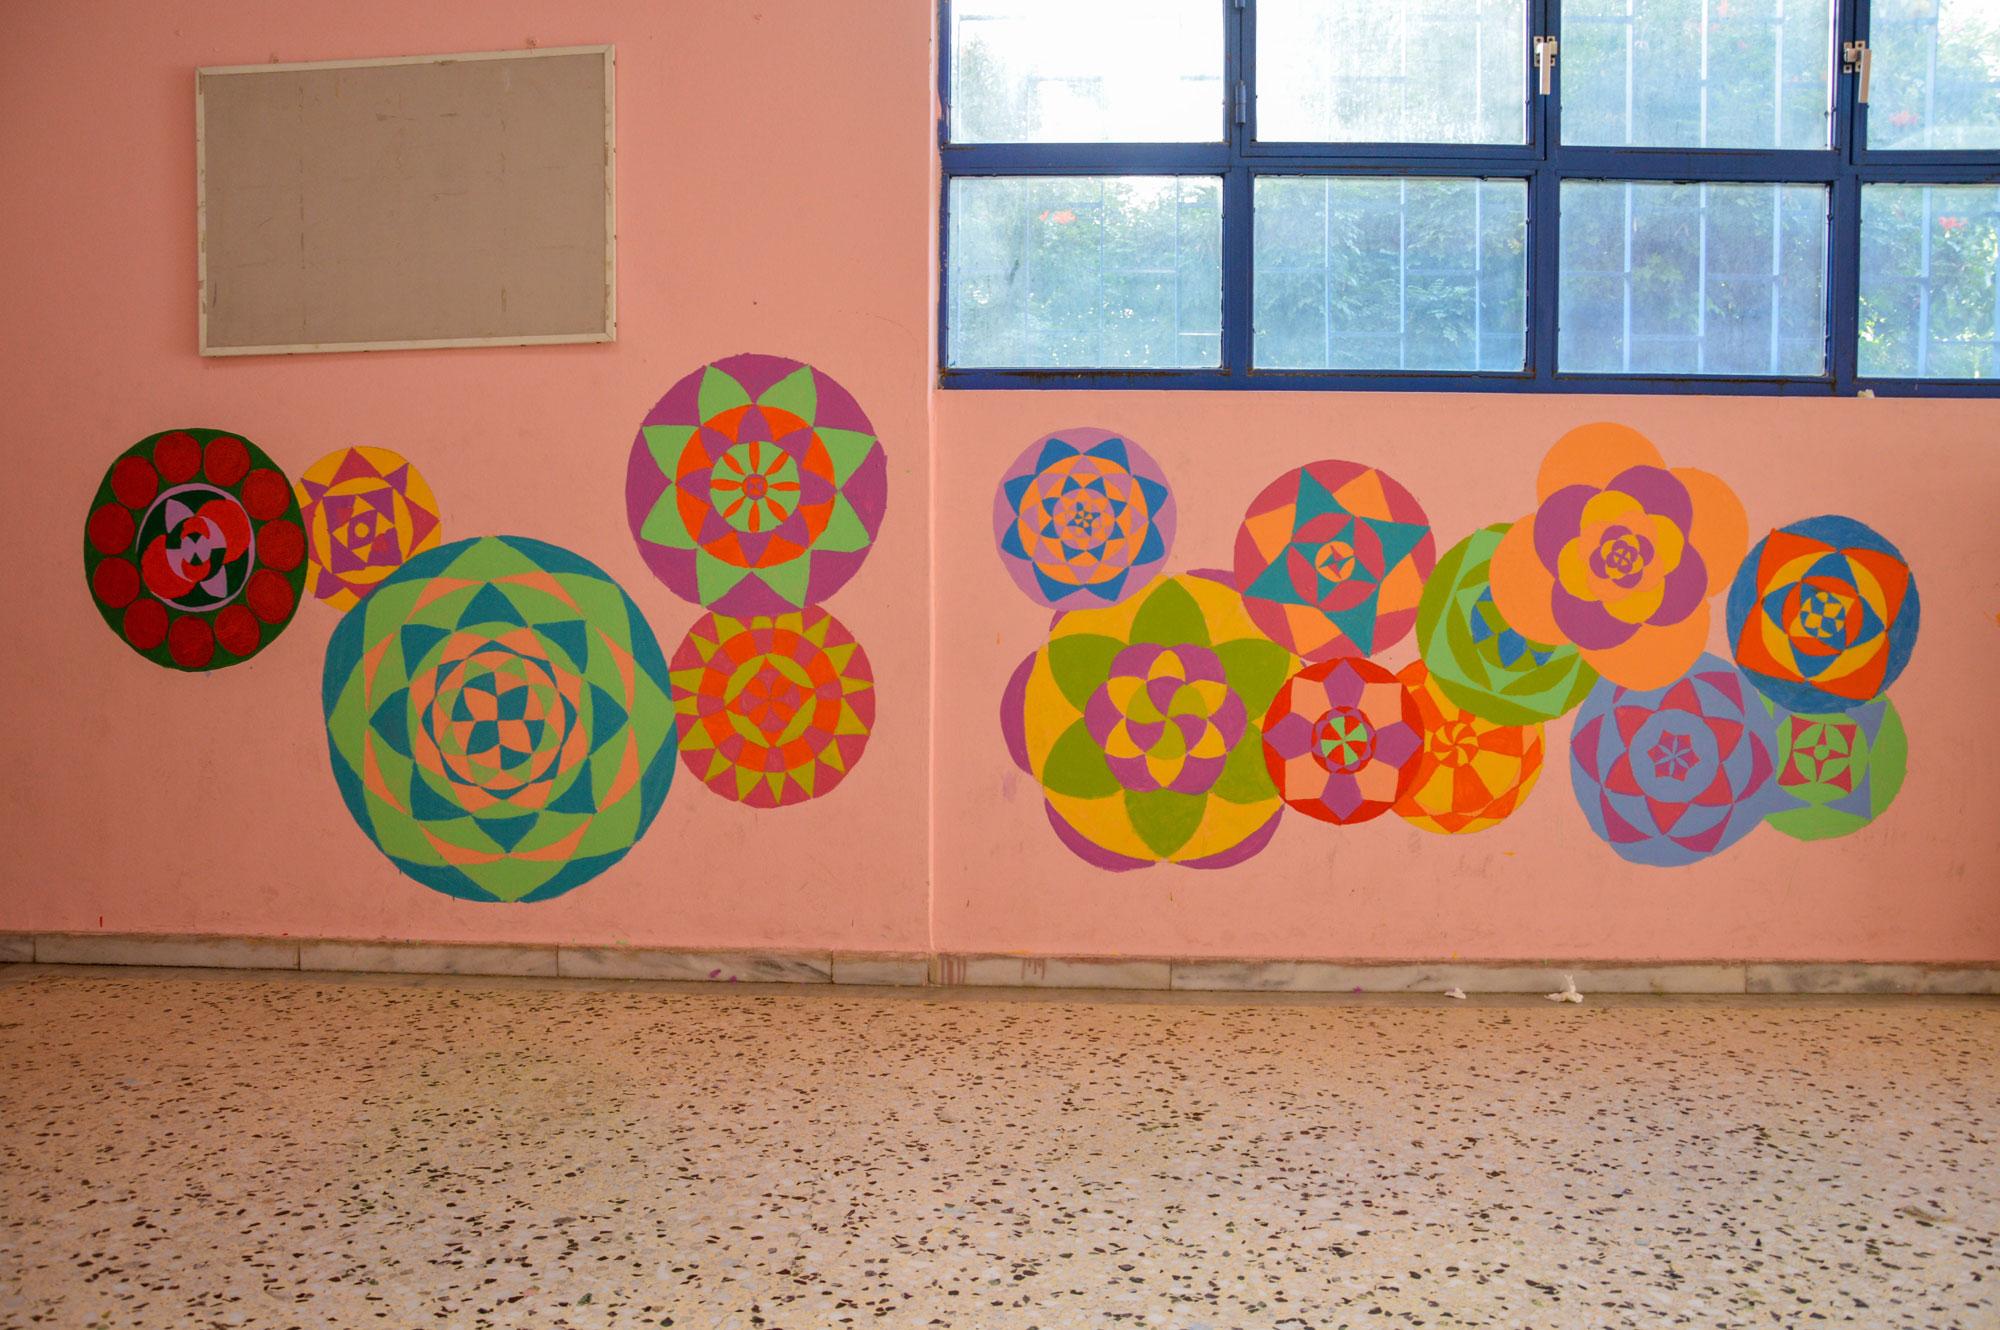 τοιχοι σχολειου γραφιτι